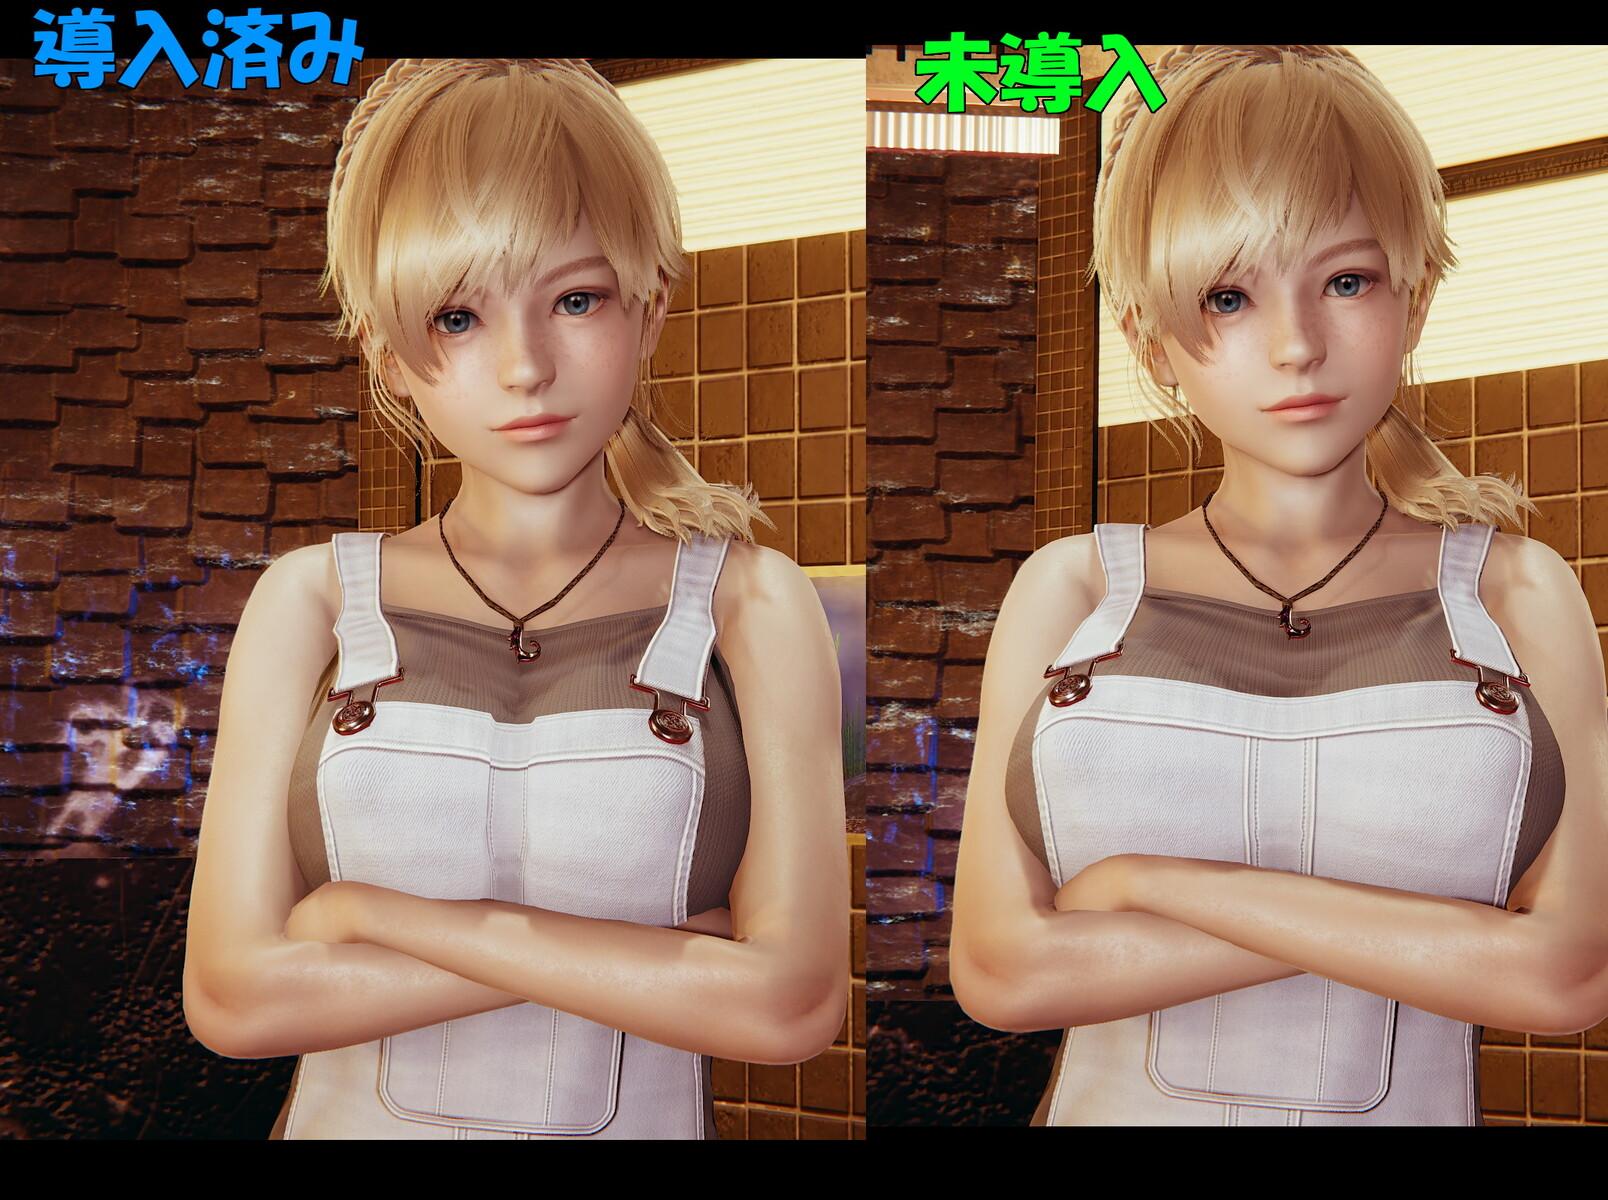 セレクト 2 mod ハニー